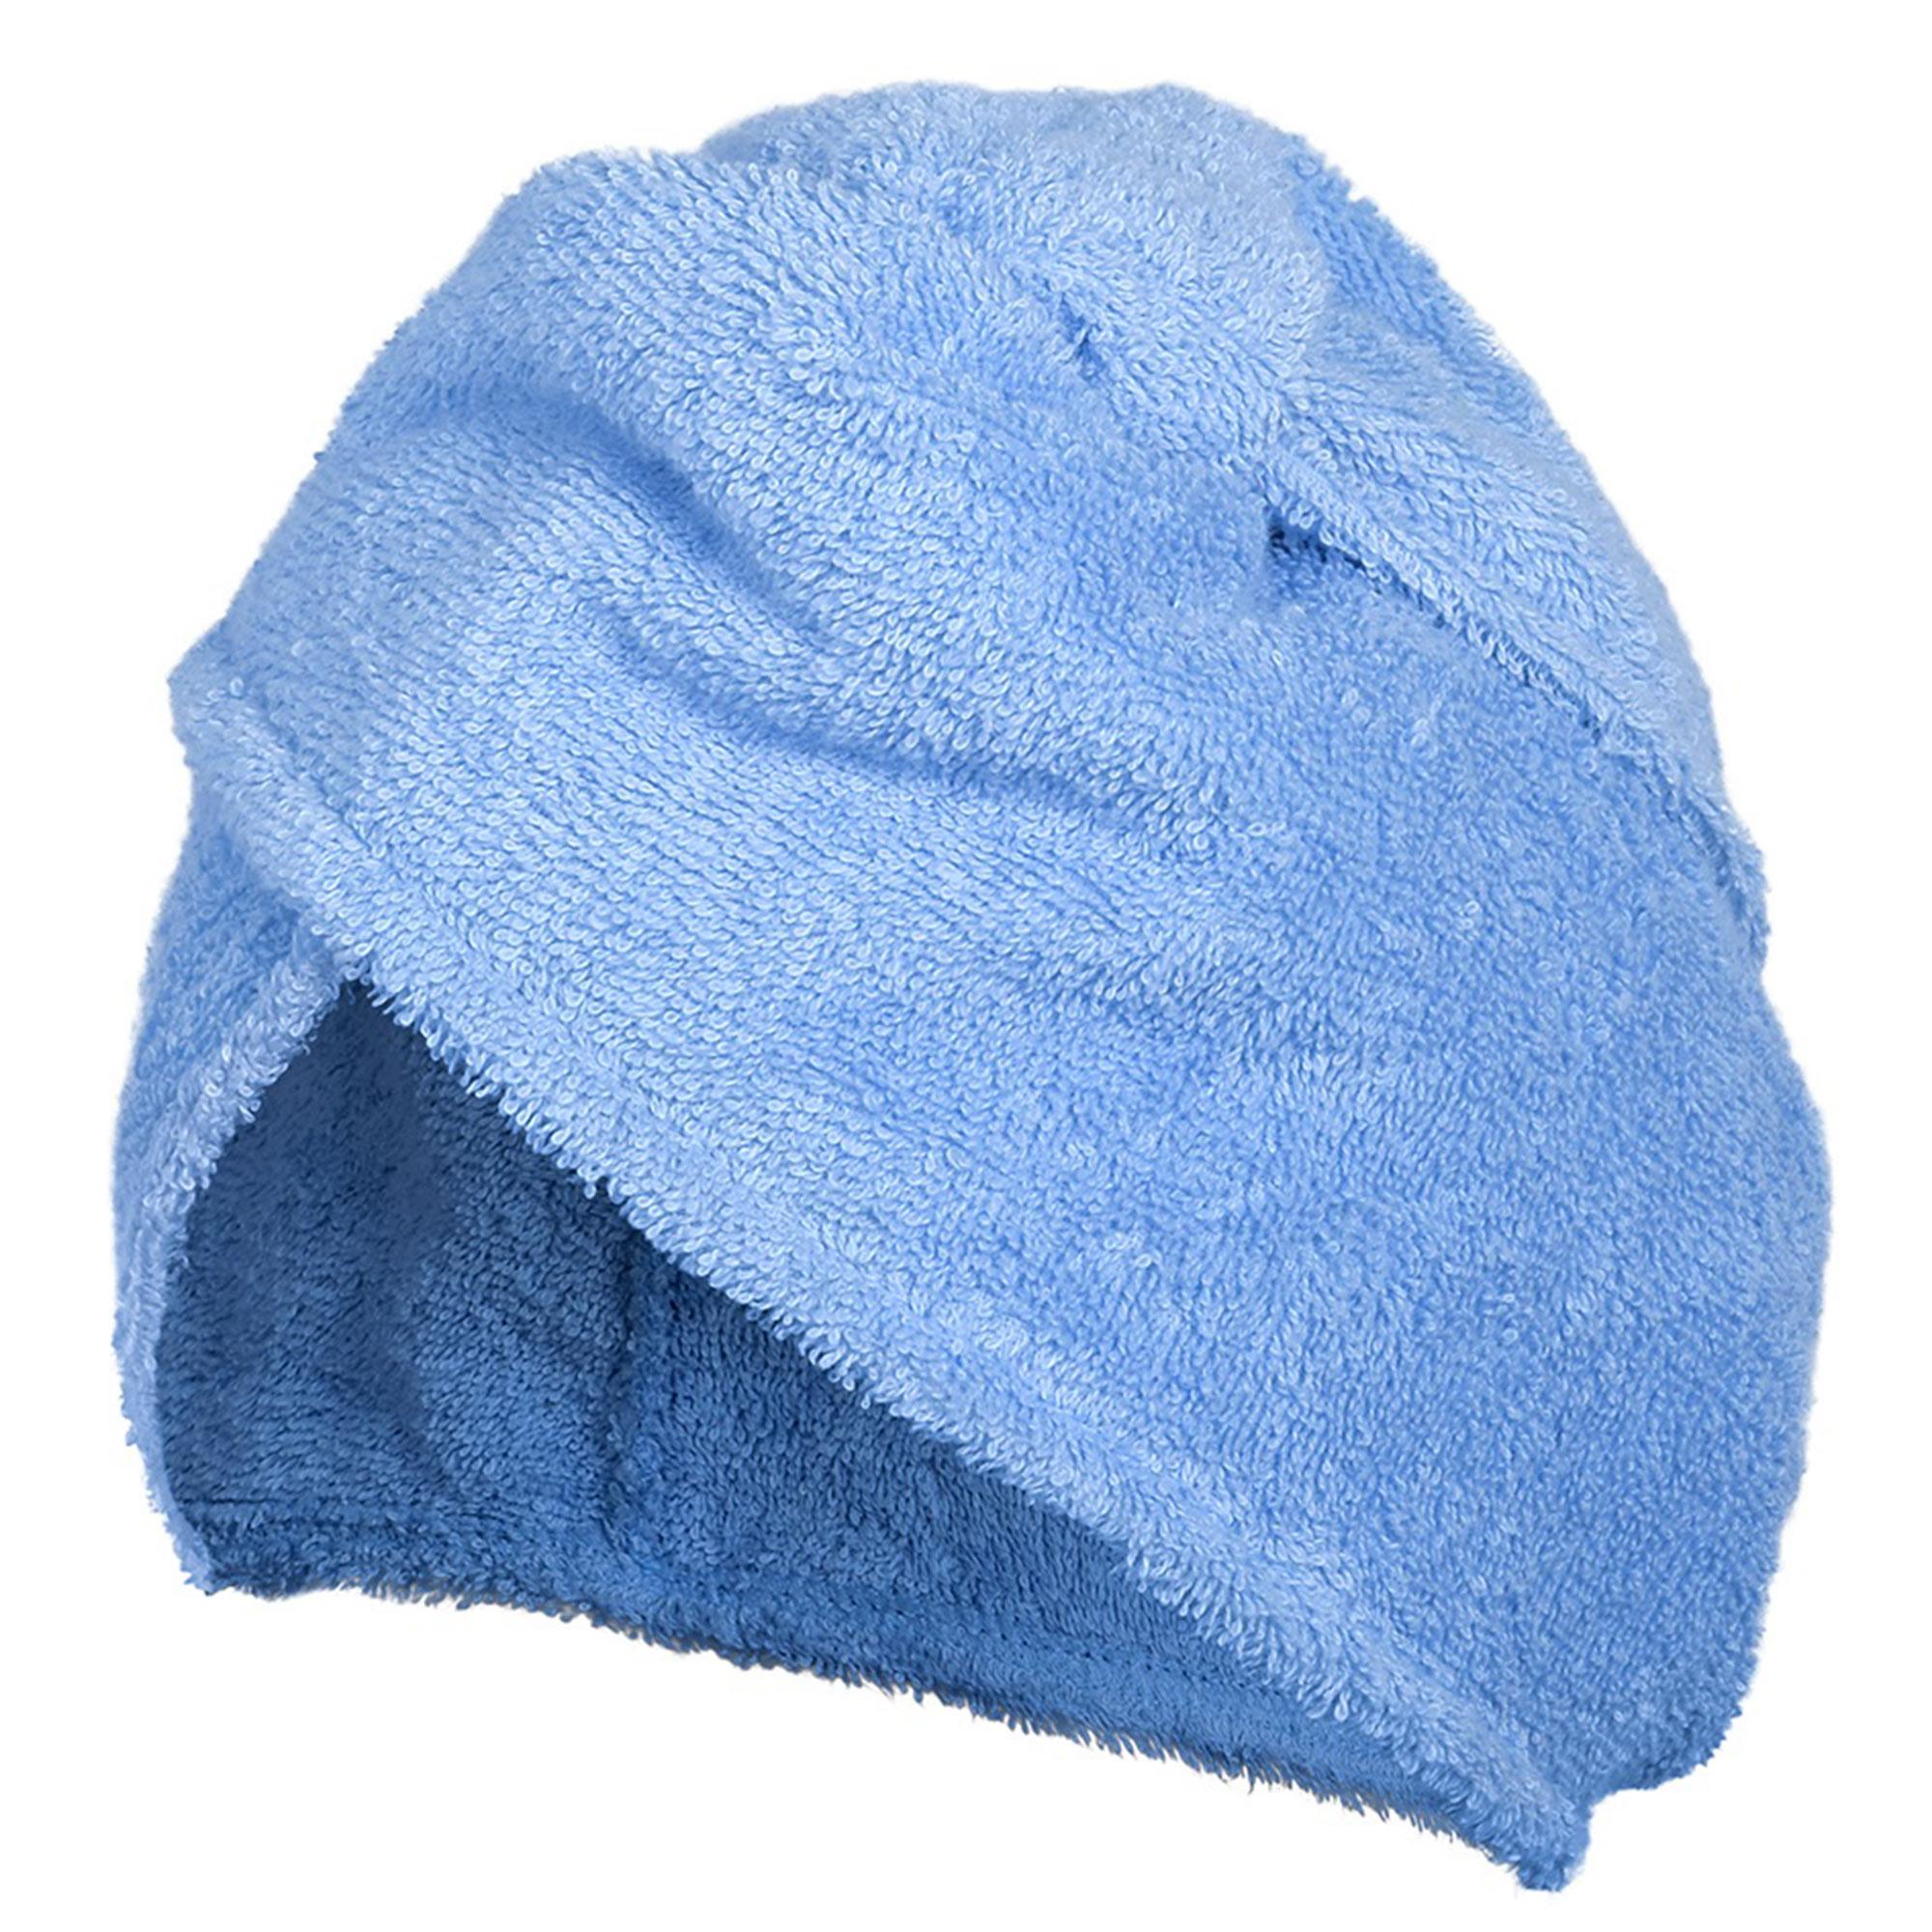 Махровая чалма Банные штучки голубая